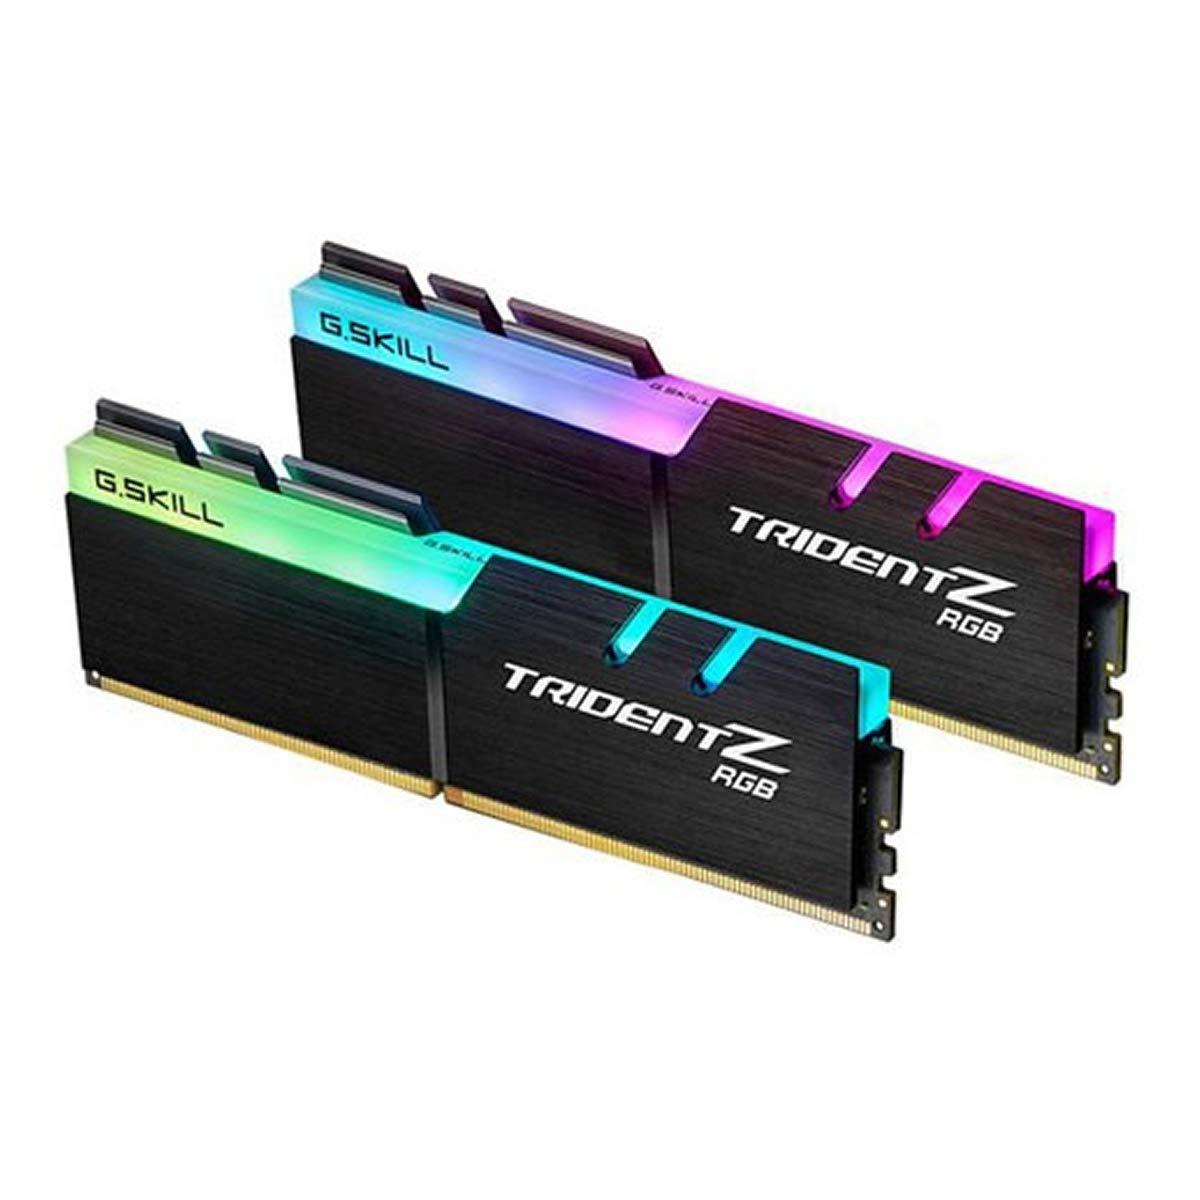 G.Skill DDR4 16 GB